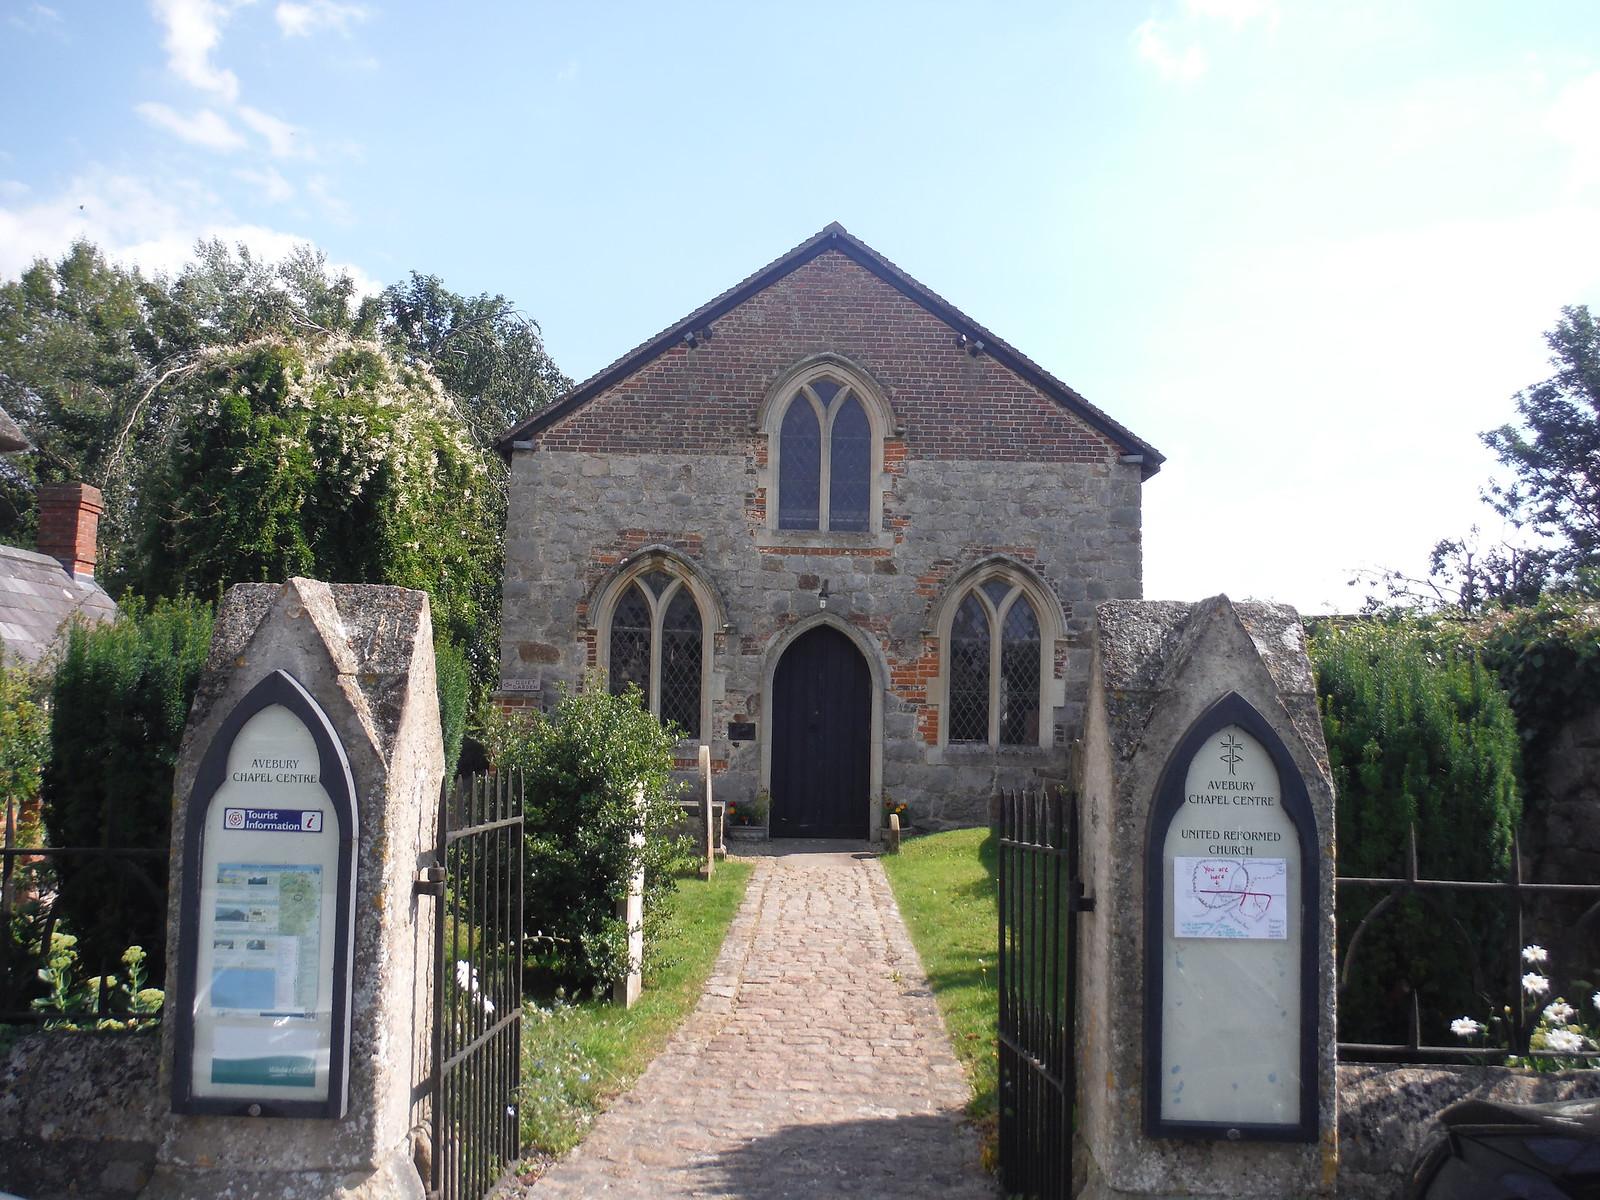 Chapel, Avebury SWC Walk 255 Pewsey or Marlborough Circular via Avebury